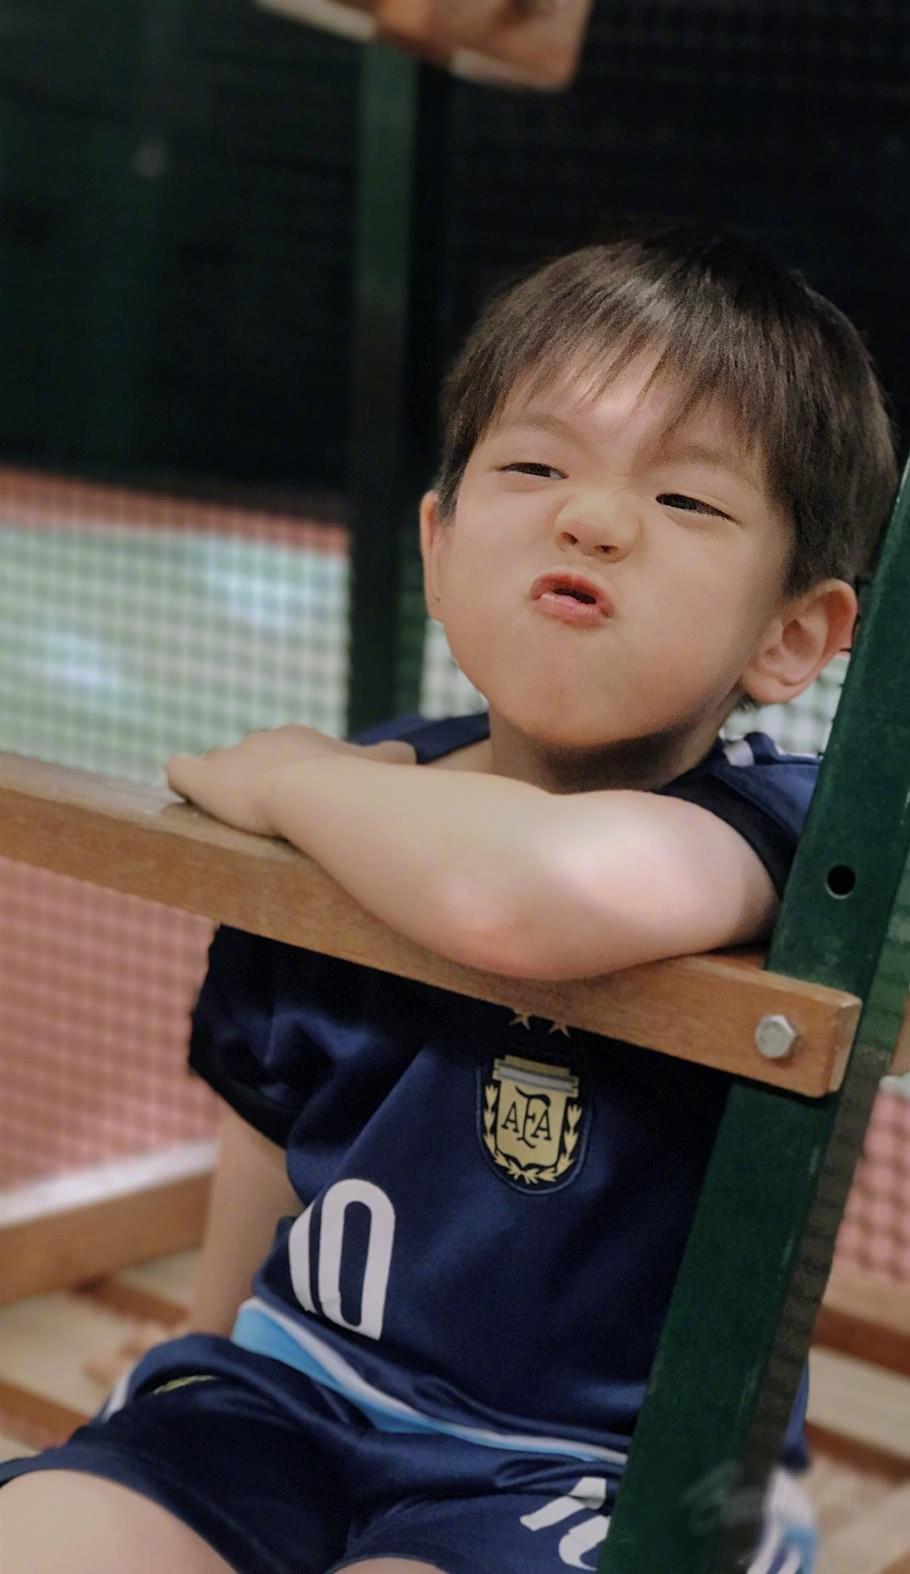 霍思燕国庆节晒嗯哼打网球,嗯哼的大双眼皮又回来啦!